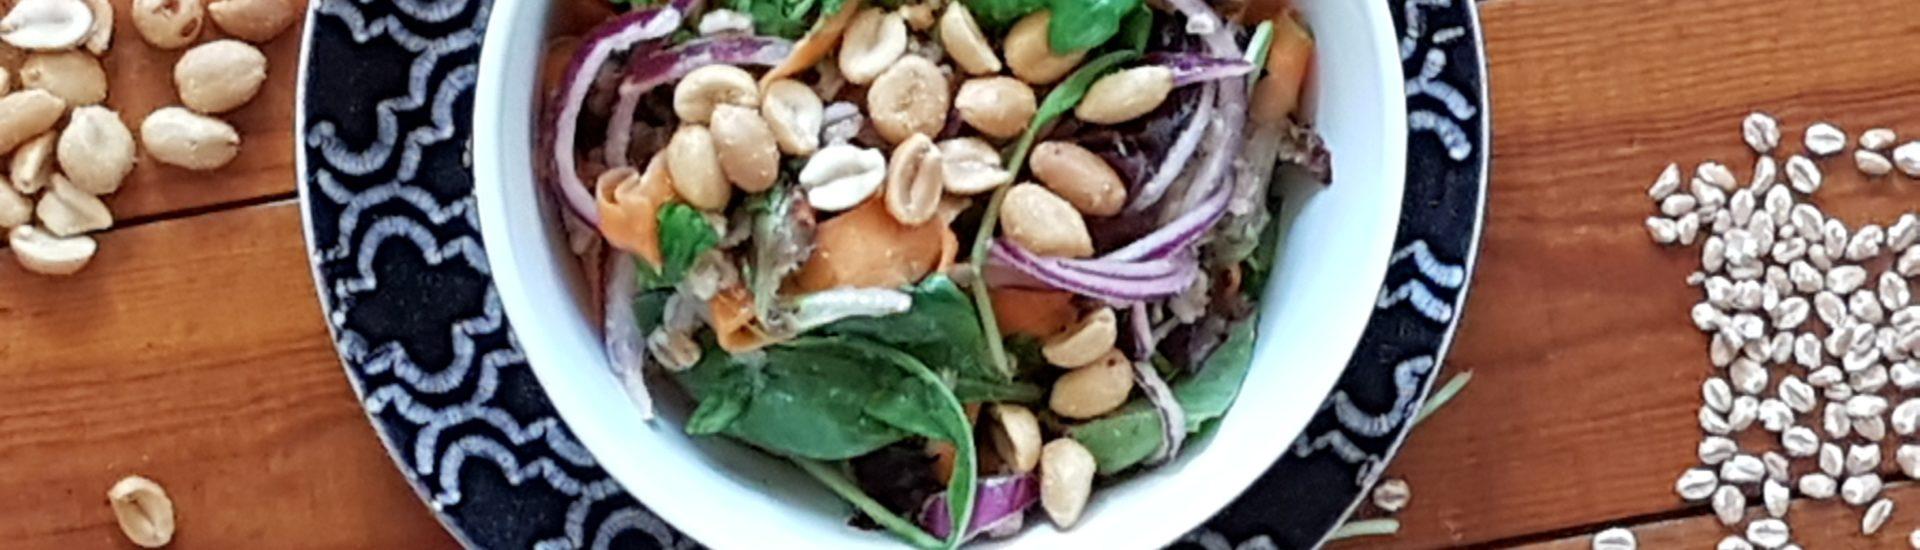 proteinrik middag